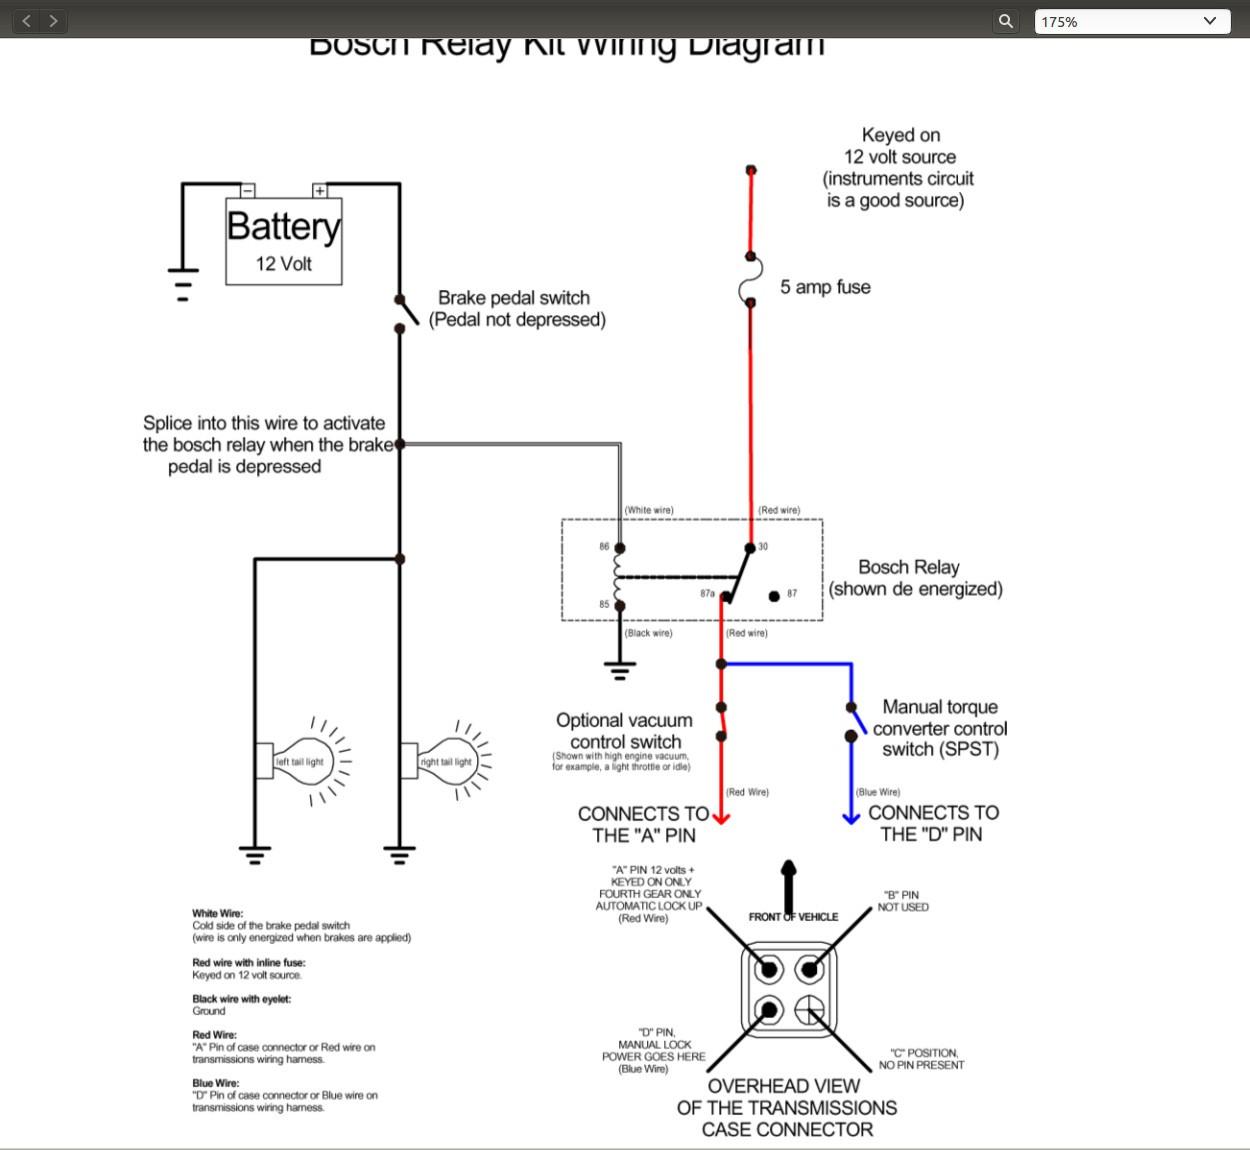 wiring diagram pioneer mvh 155ui trusted wiring diagram rh dafpods co 1985 Chevy Truck Wiring Diagram Chevy 700R4 Wiring-Diagram